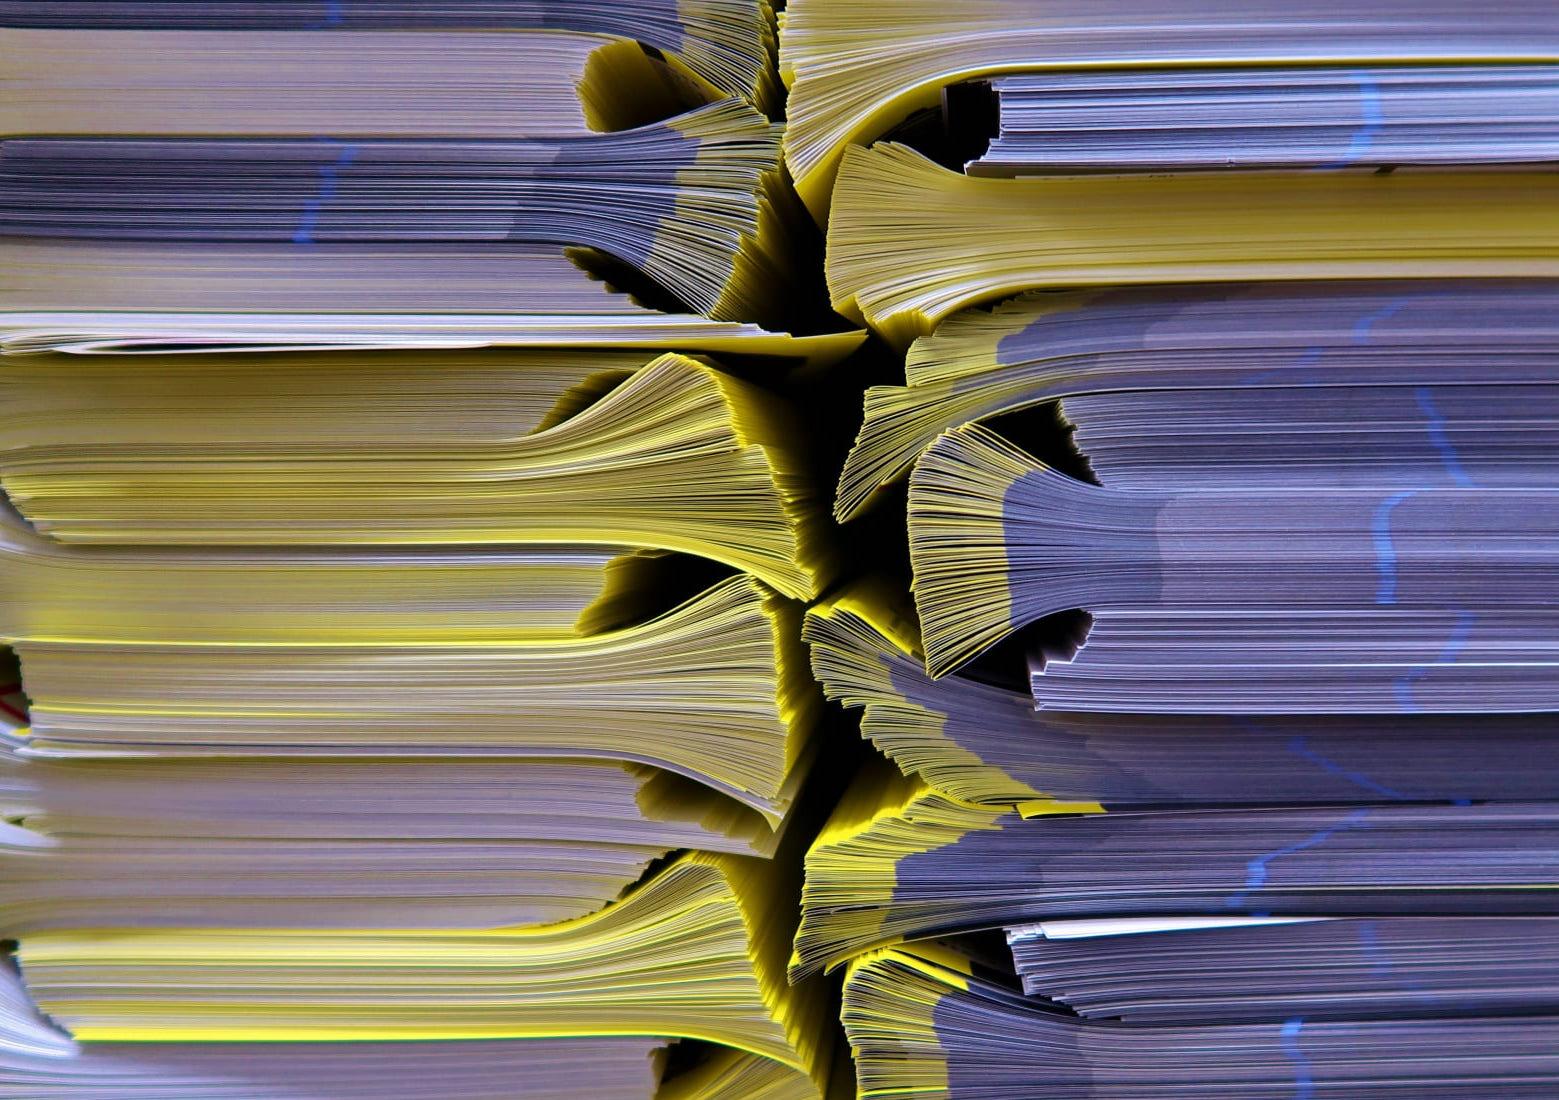 出版・印刷業の企業データ・名簿の販売